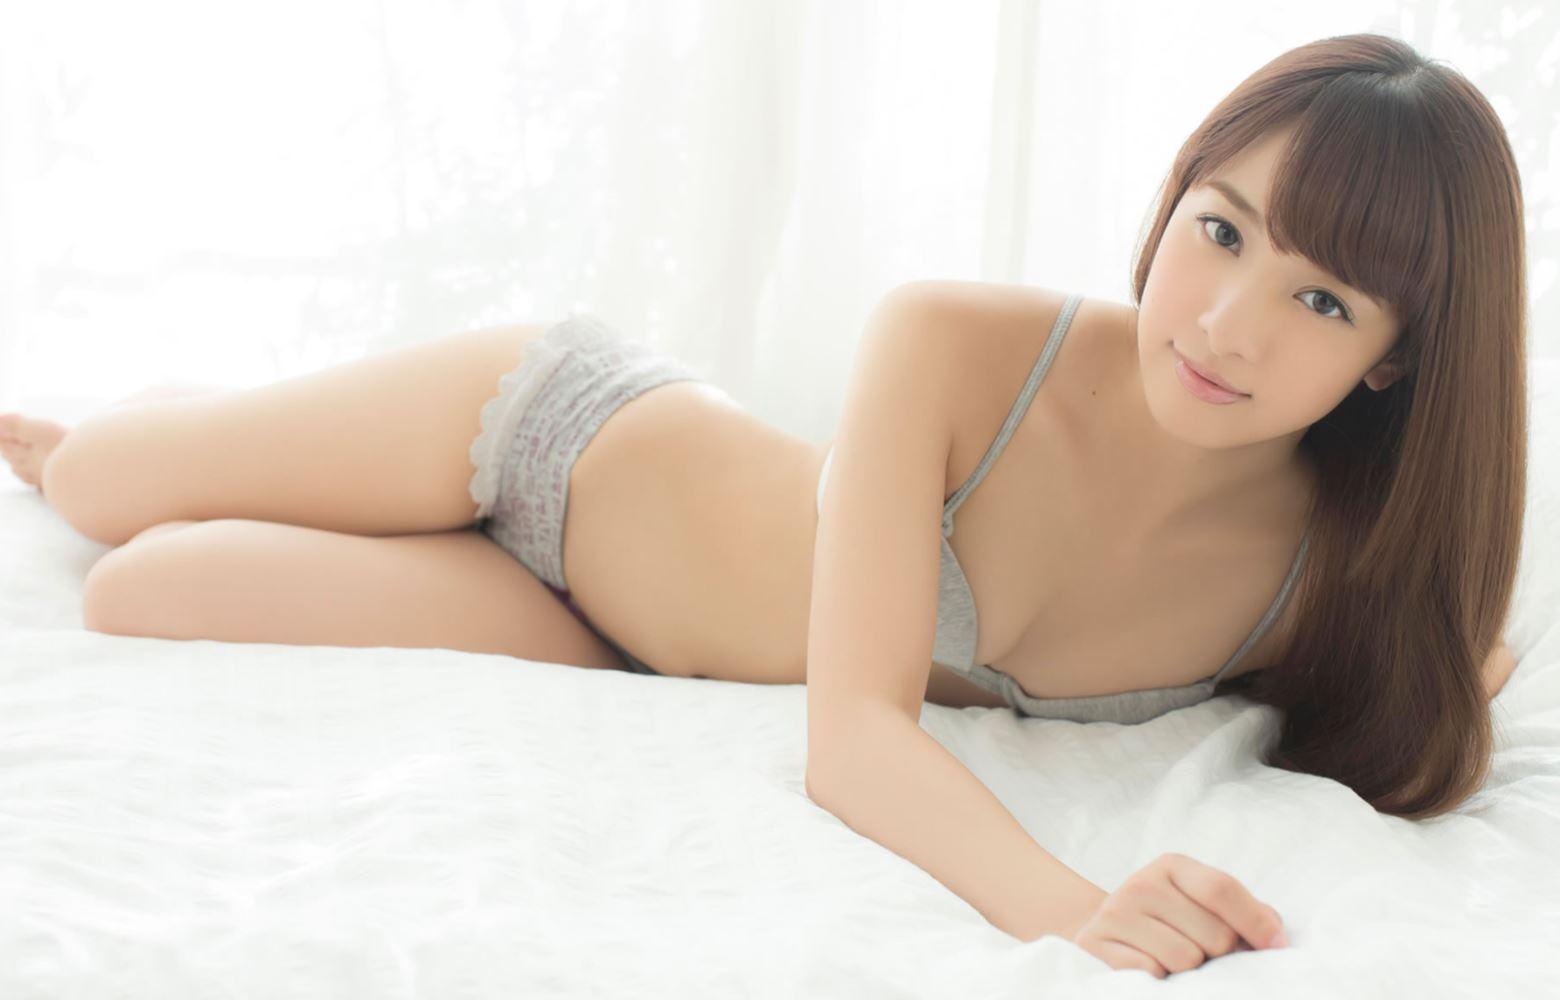 池田ショコラの下着姿がエロカワな過激グラビア画像 32